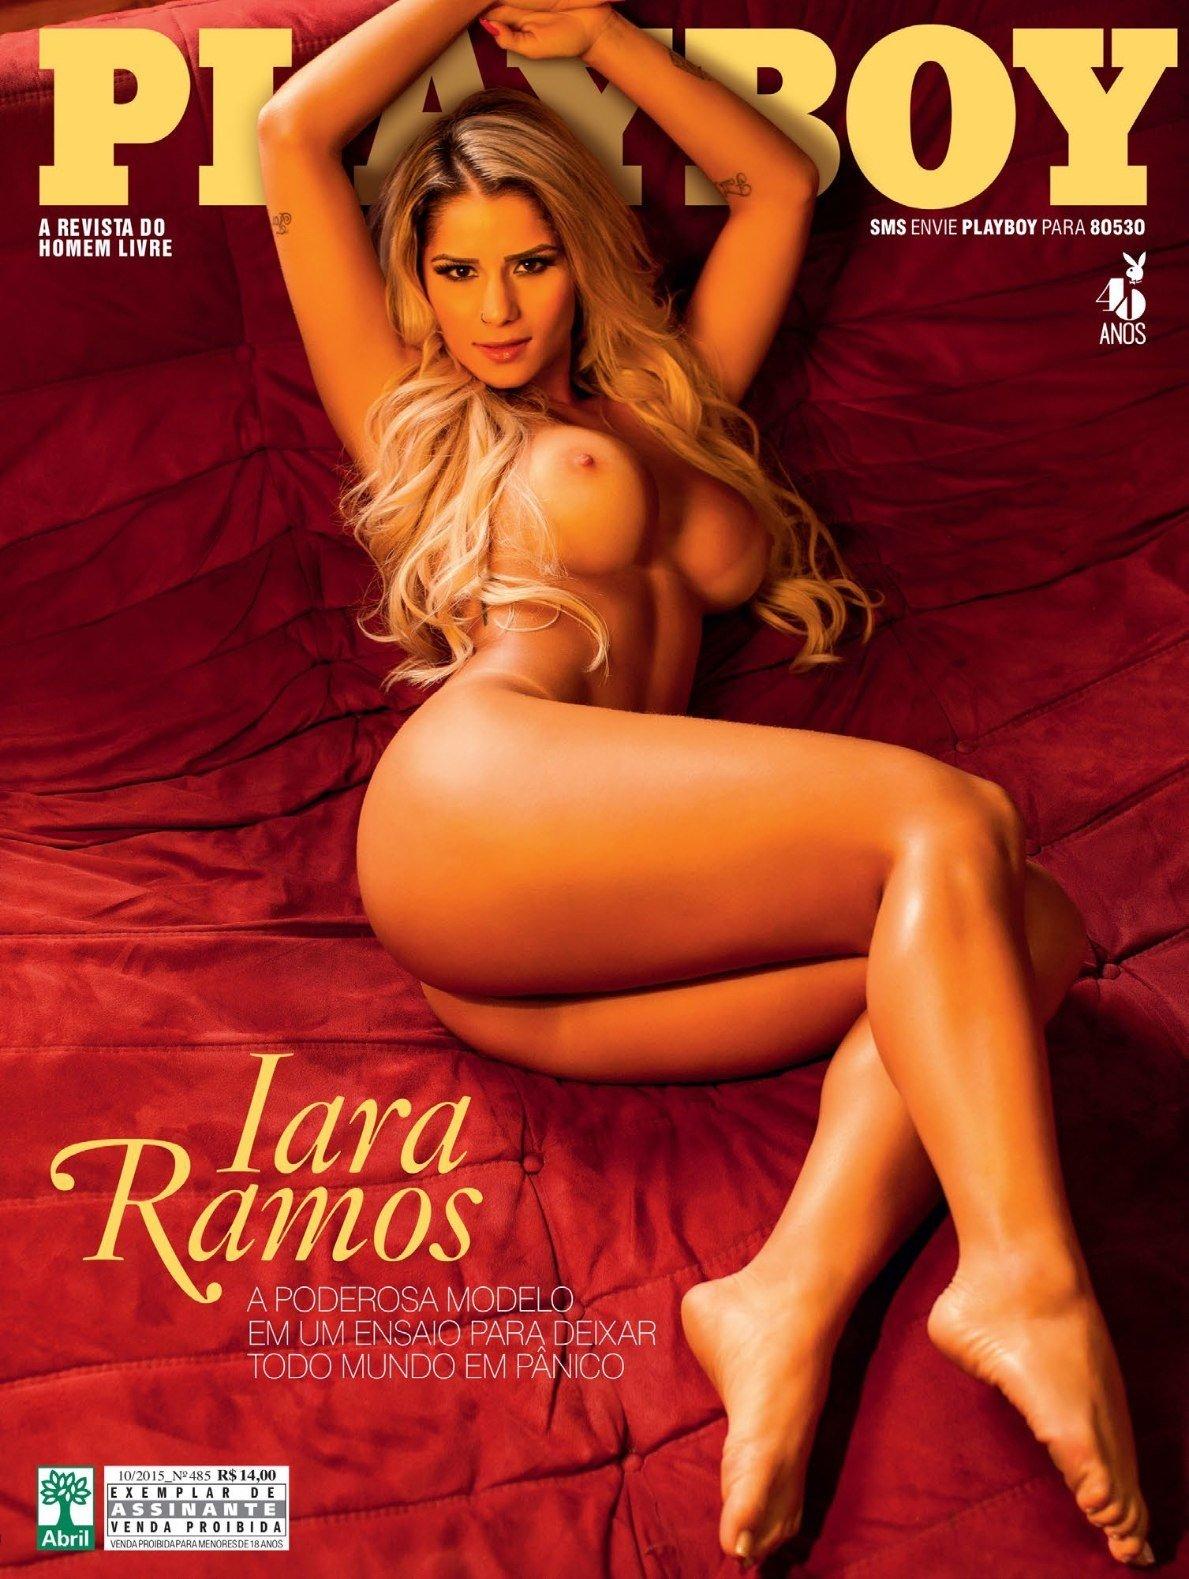 Fotos Playboy Panicat Iara Ramos Outubro (2)